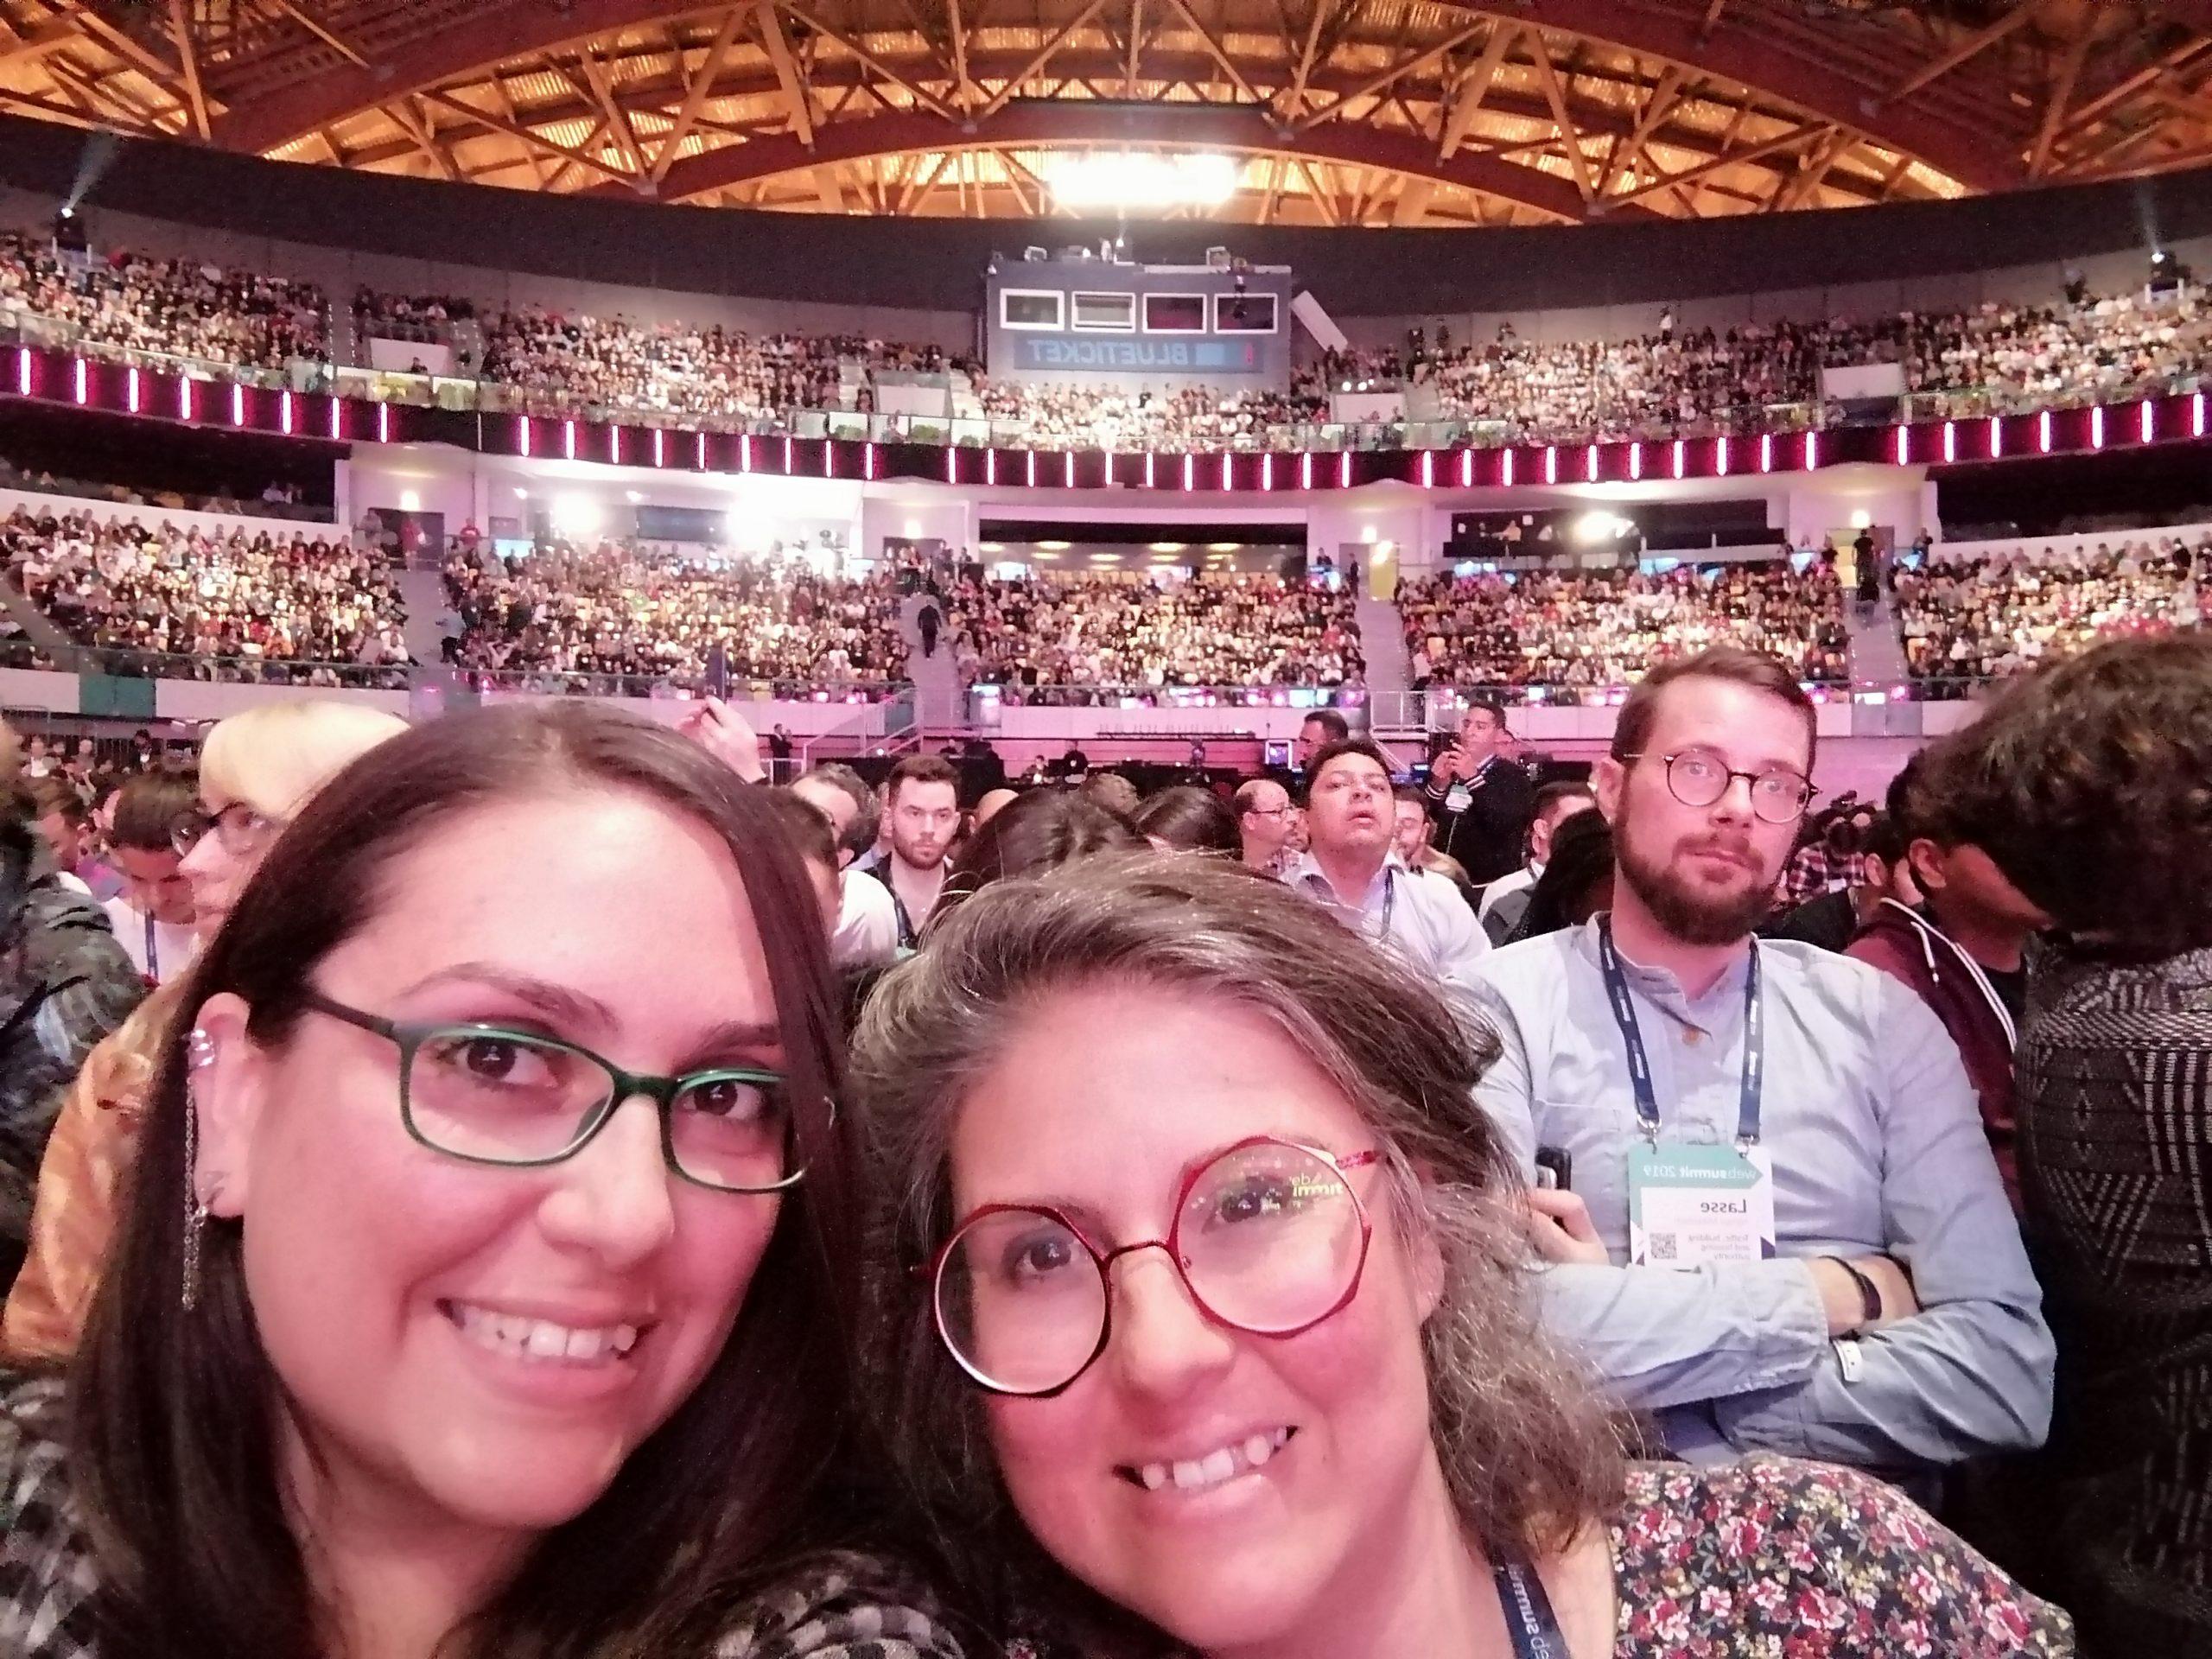 Etnonautas at Opening Night - Altice Arena - Web Summit 2019